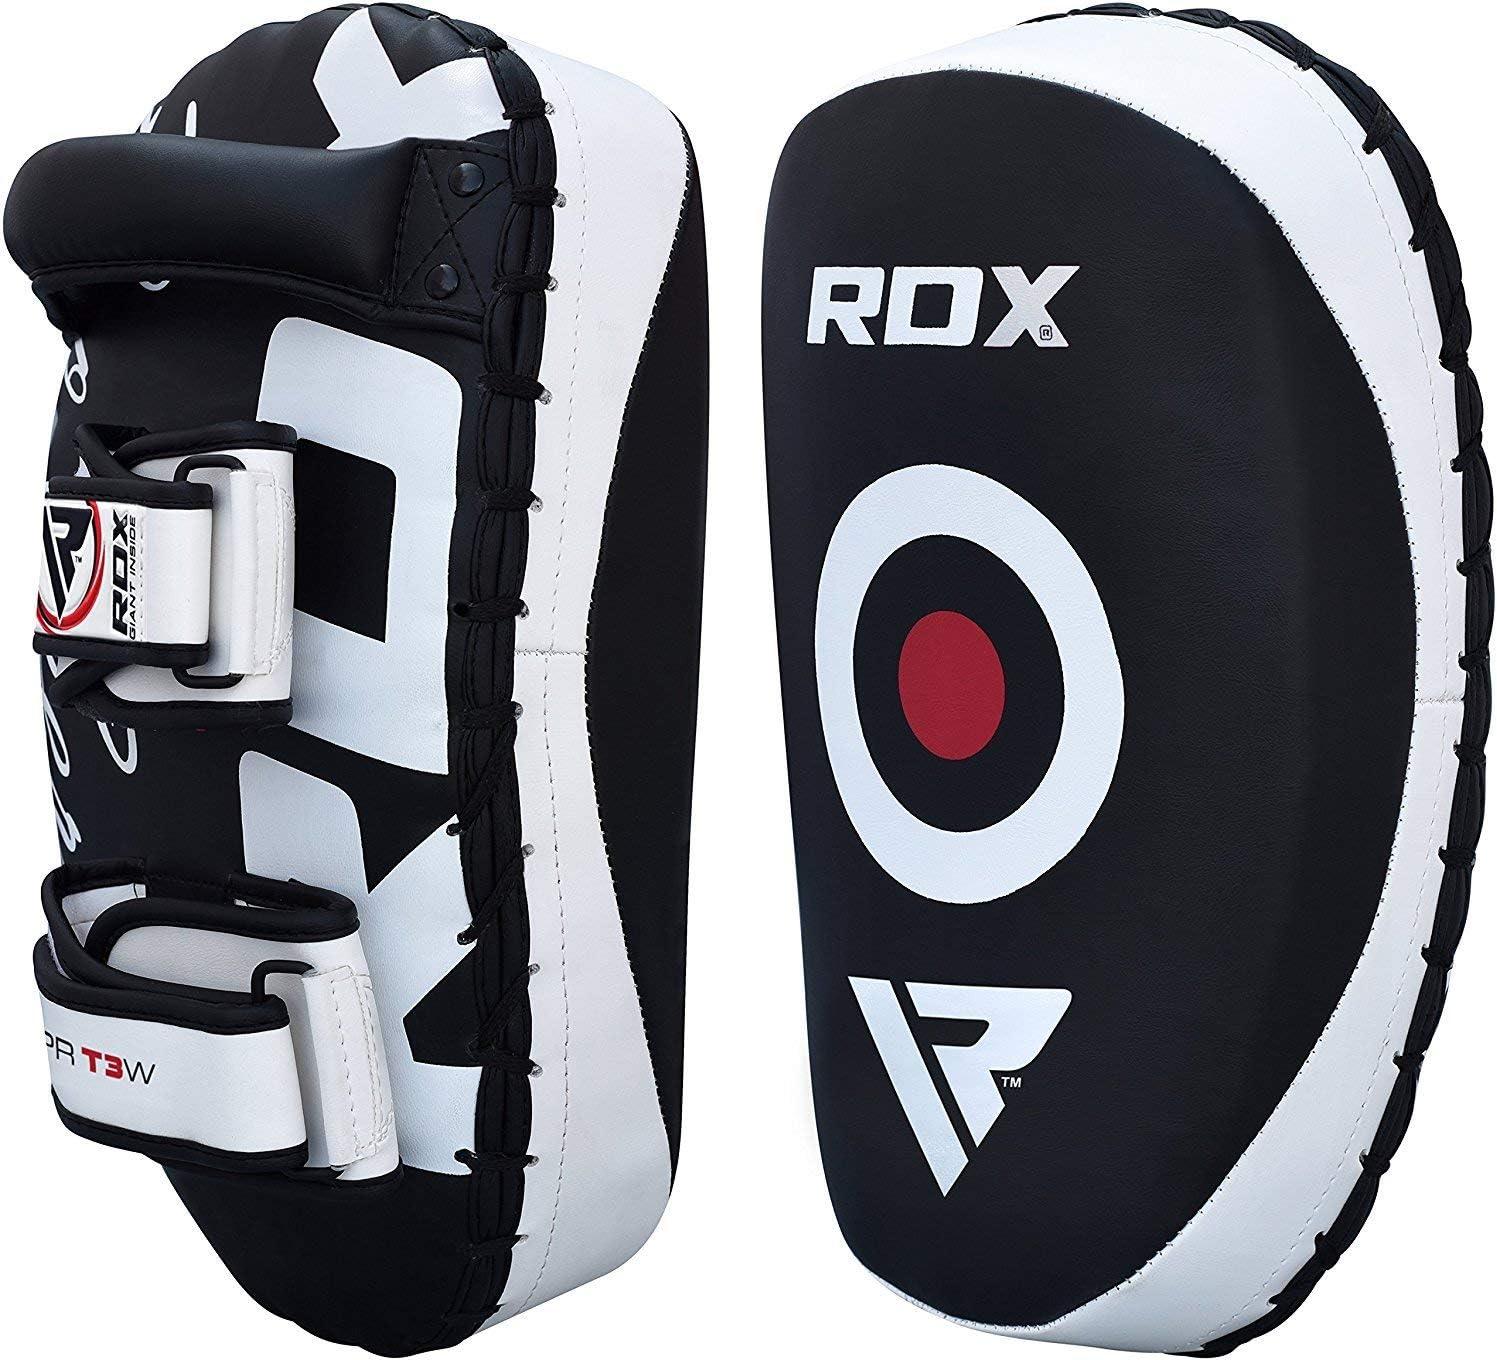 RDX MMA Huelga Escudo Par Kick Target Focus Bolsa Tailandeses Pad Boxeo Mitones de perforaci/ón Kickboxing